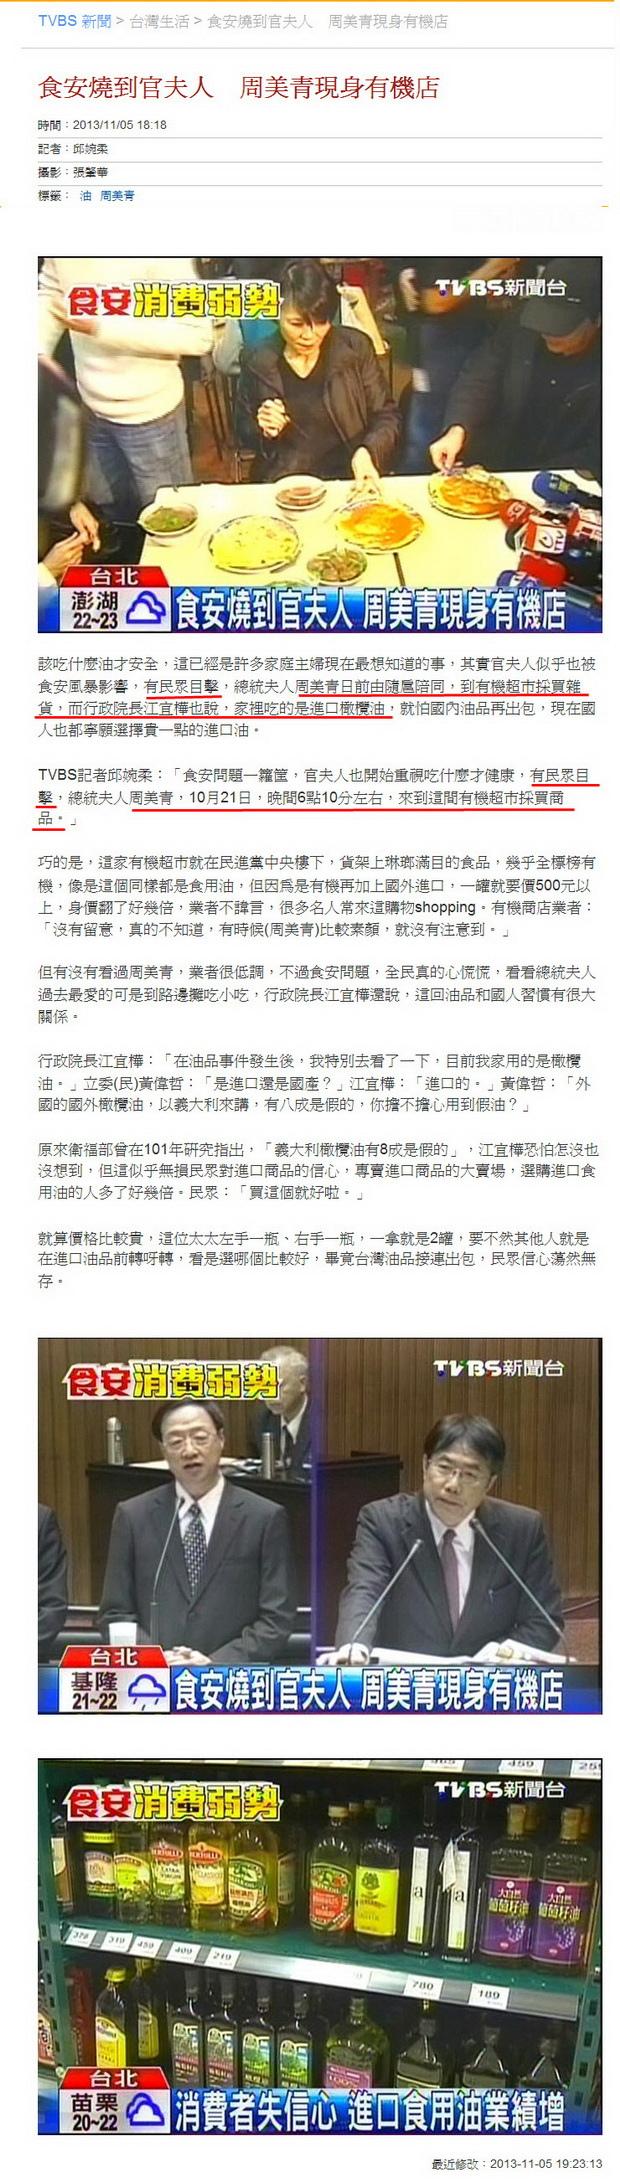 食安燒到官夫人 周美青現身有機店-2013.11.05-01.jpg